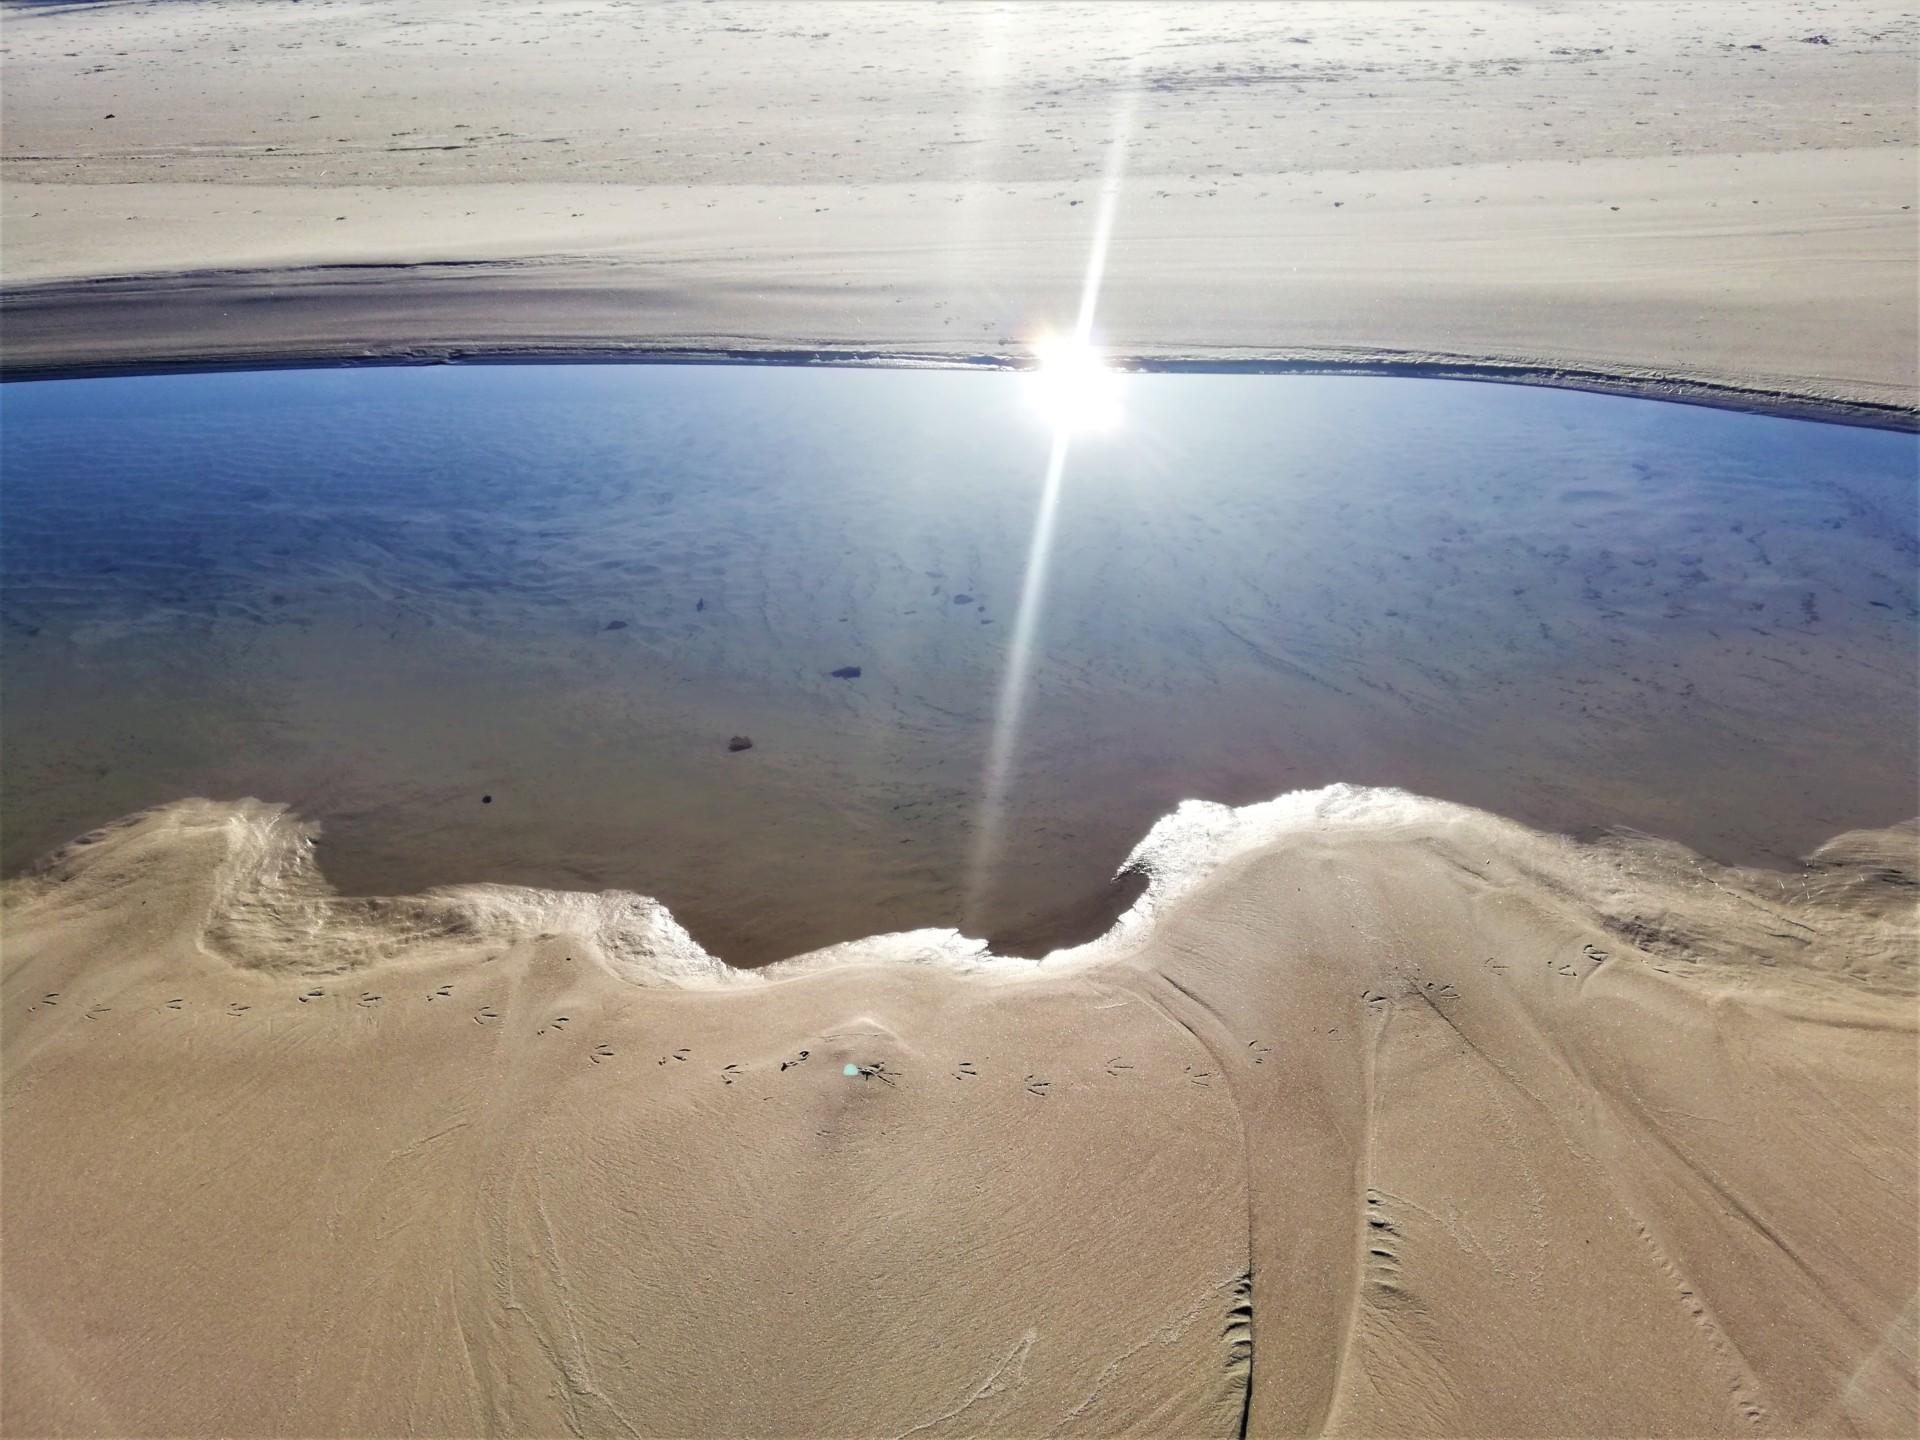 Plaża we władaniu przyrody. Lubiatowo - Kopalino, listopad 2019 3